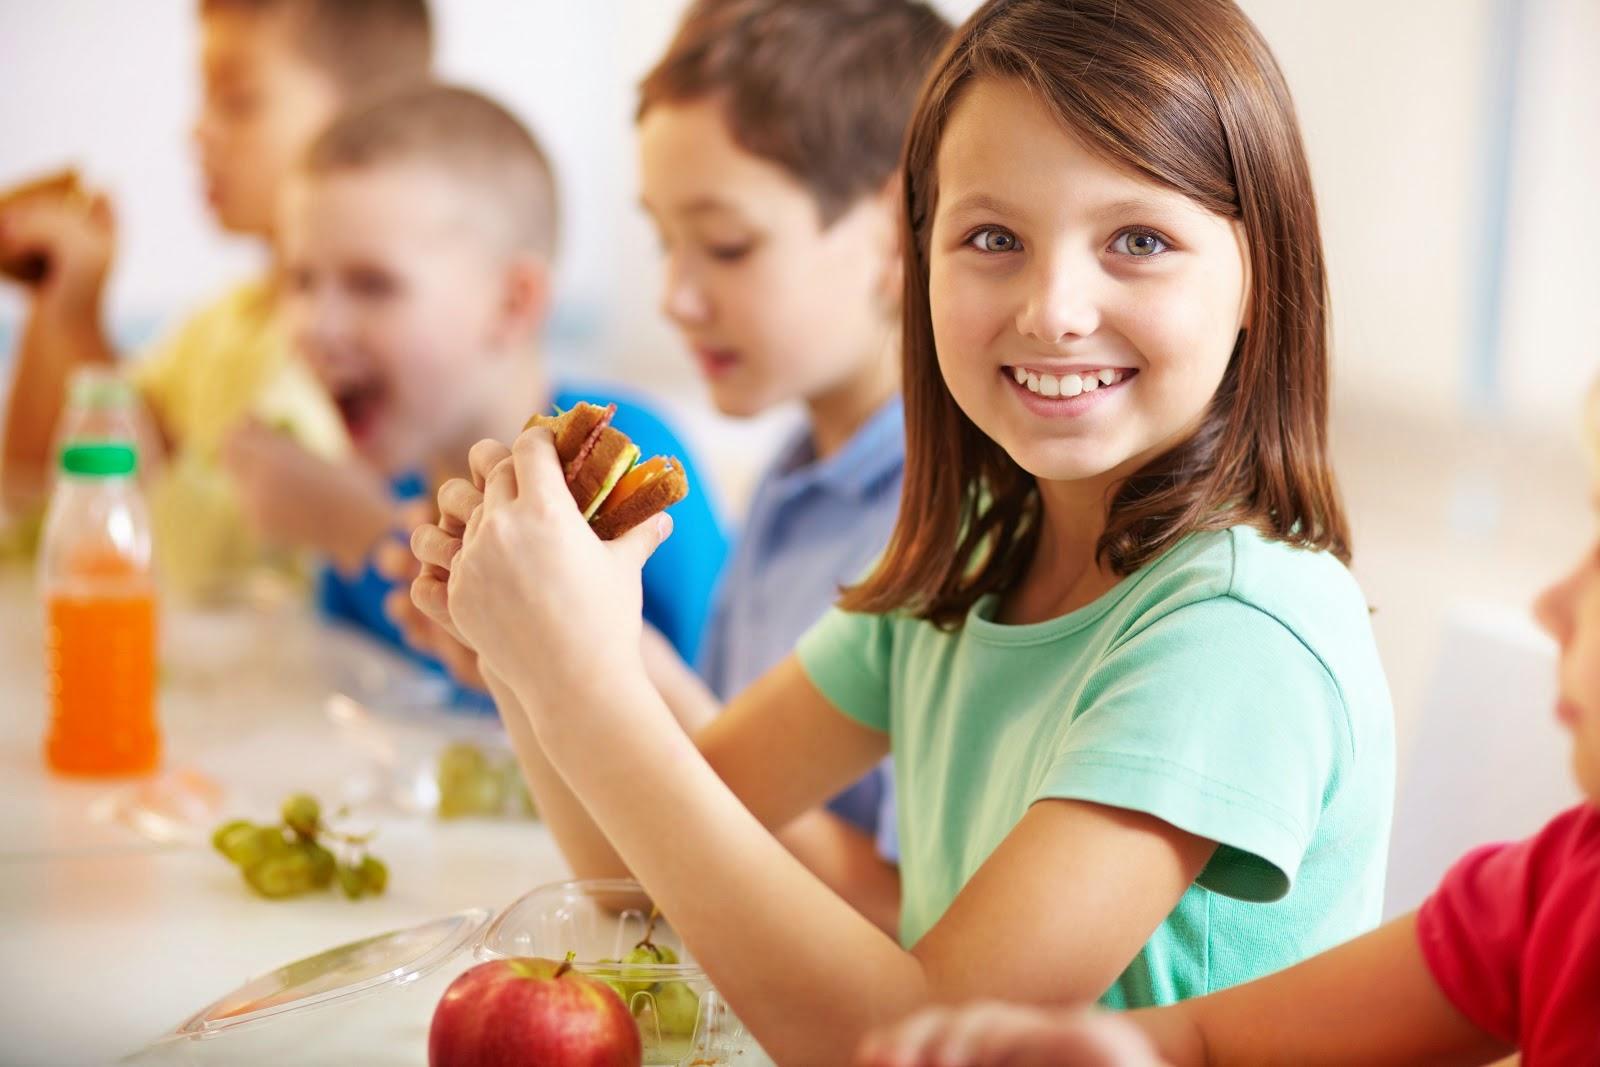 برامج التغذية المدرسية يمكن أن تساعد في تقليل البدانة بين الأطفال